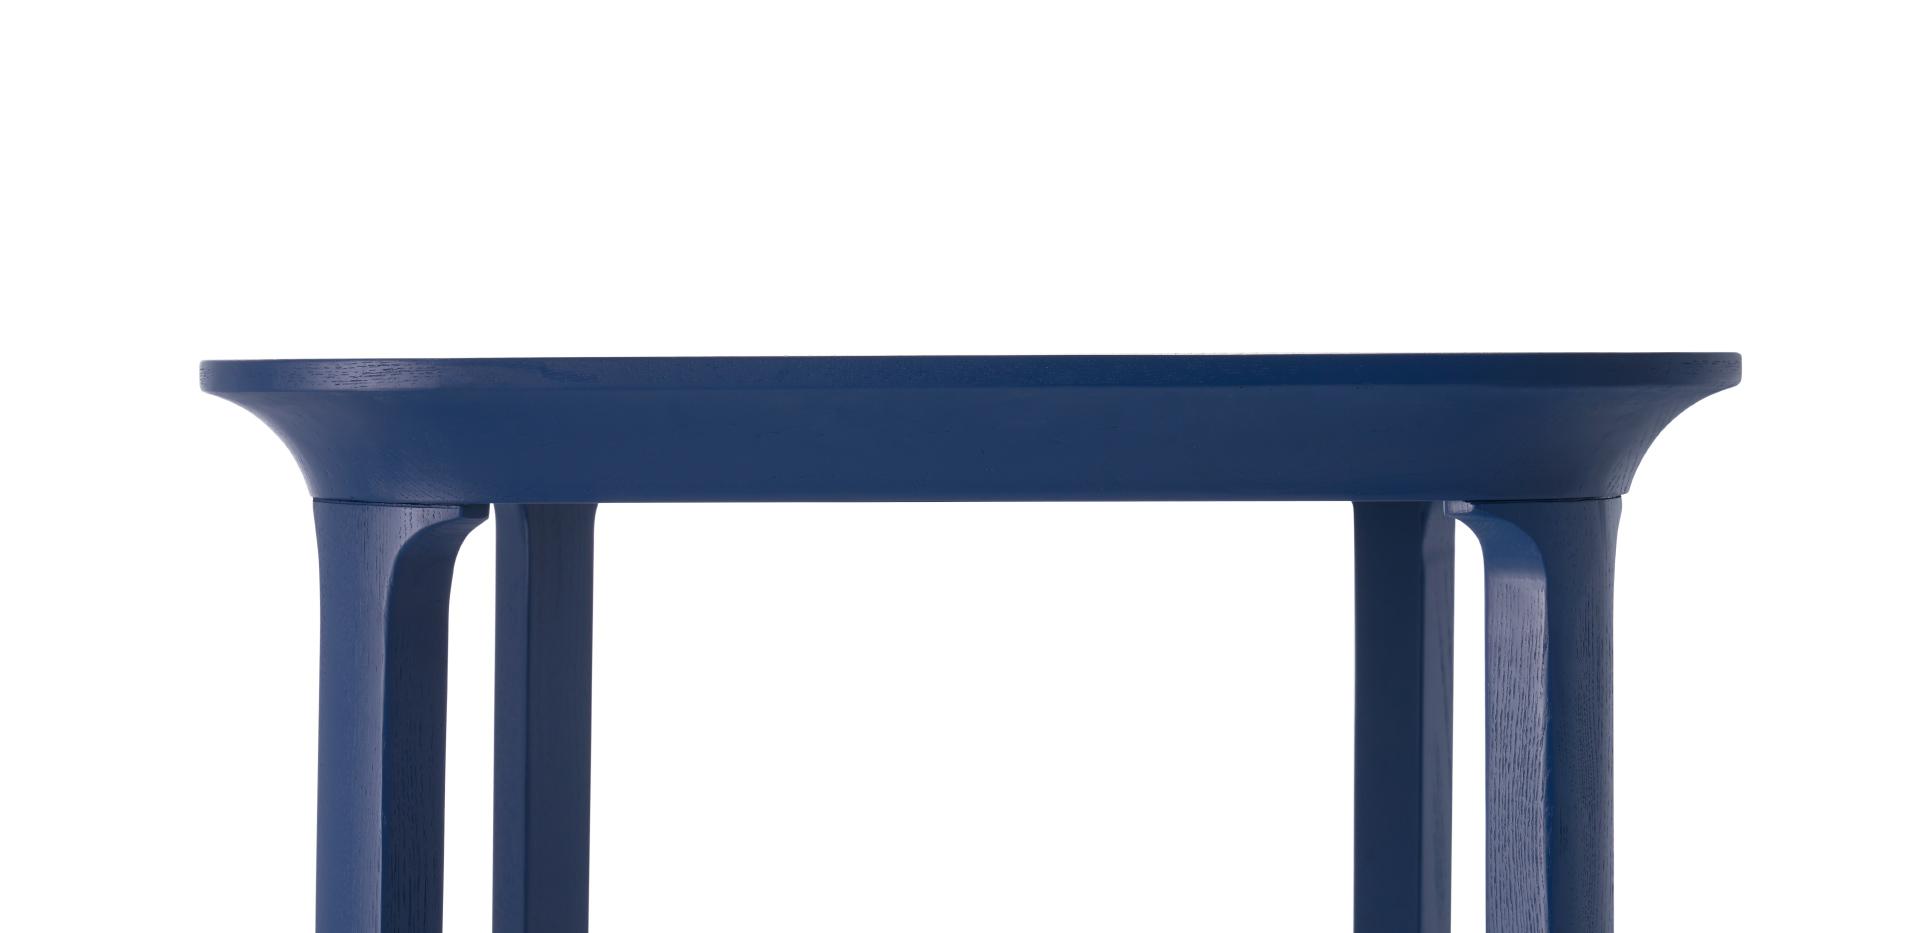 8处以上曲线处理,让木作造型趣味盎然。桌沿似屋角飞檐式边际线,抽象东方式的惊鸿一瞥,实木桌腿的弧度同样展现柔美曲线,结合顺畅桌面的圆弧倒角,形成飞扬律动的设计感。